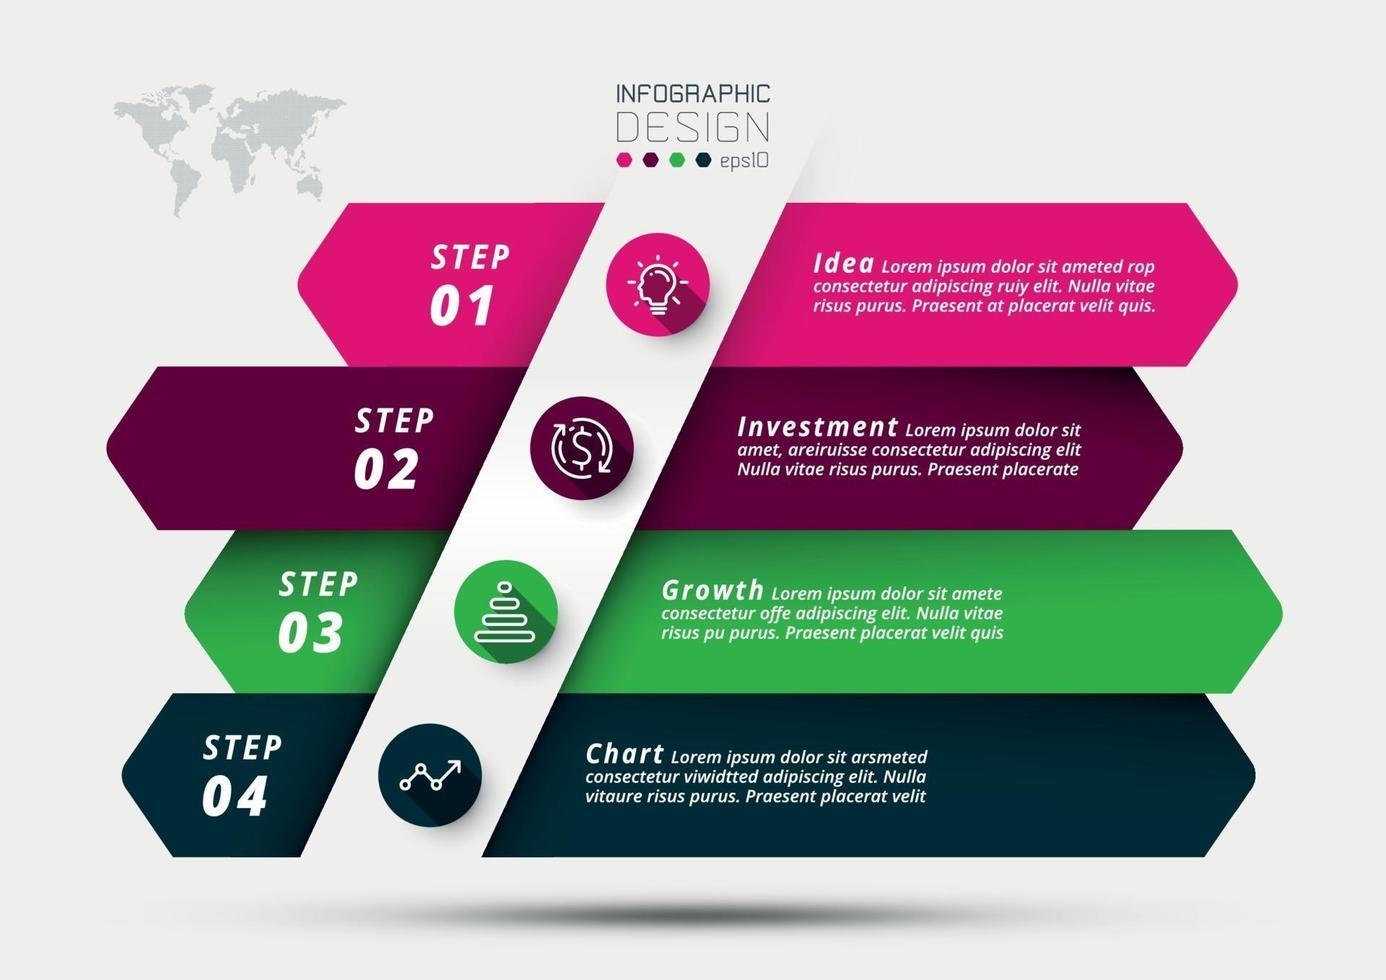 pianificazione aziendale o marketing e analisi della crescita del business e degli investimenti in vari campi con il segno della freccia. vettore